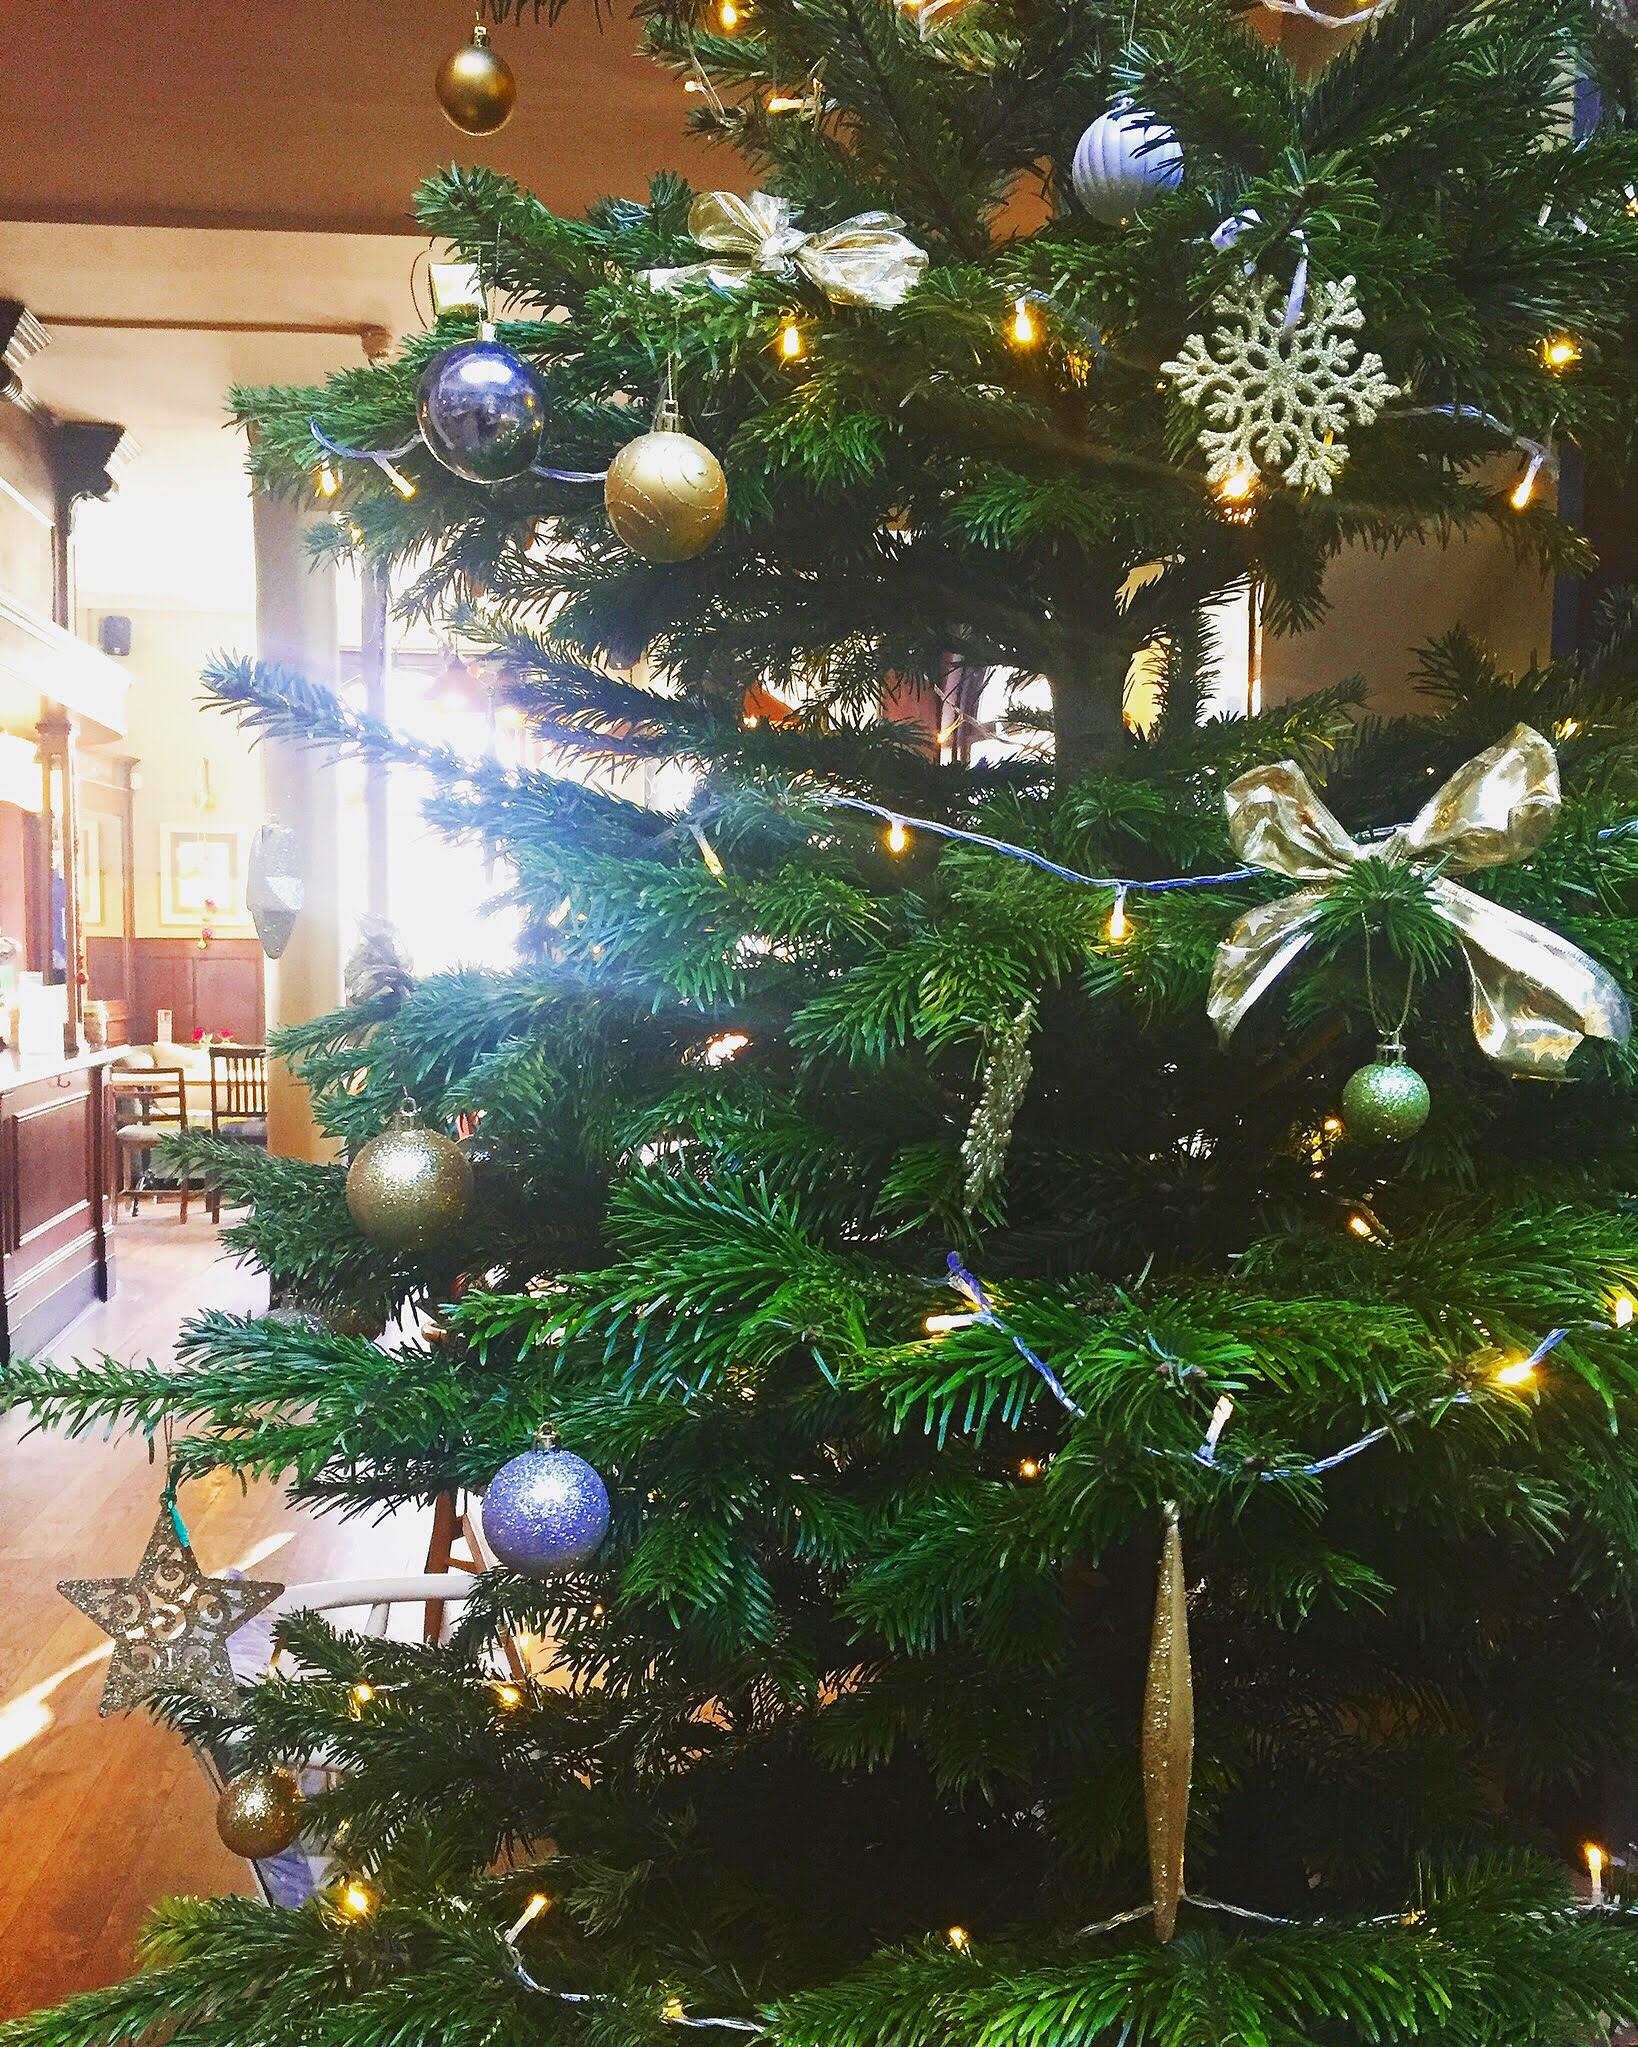 Rock around the Christmas tree. . .